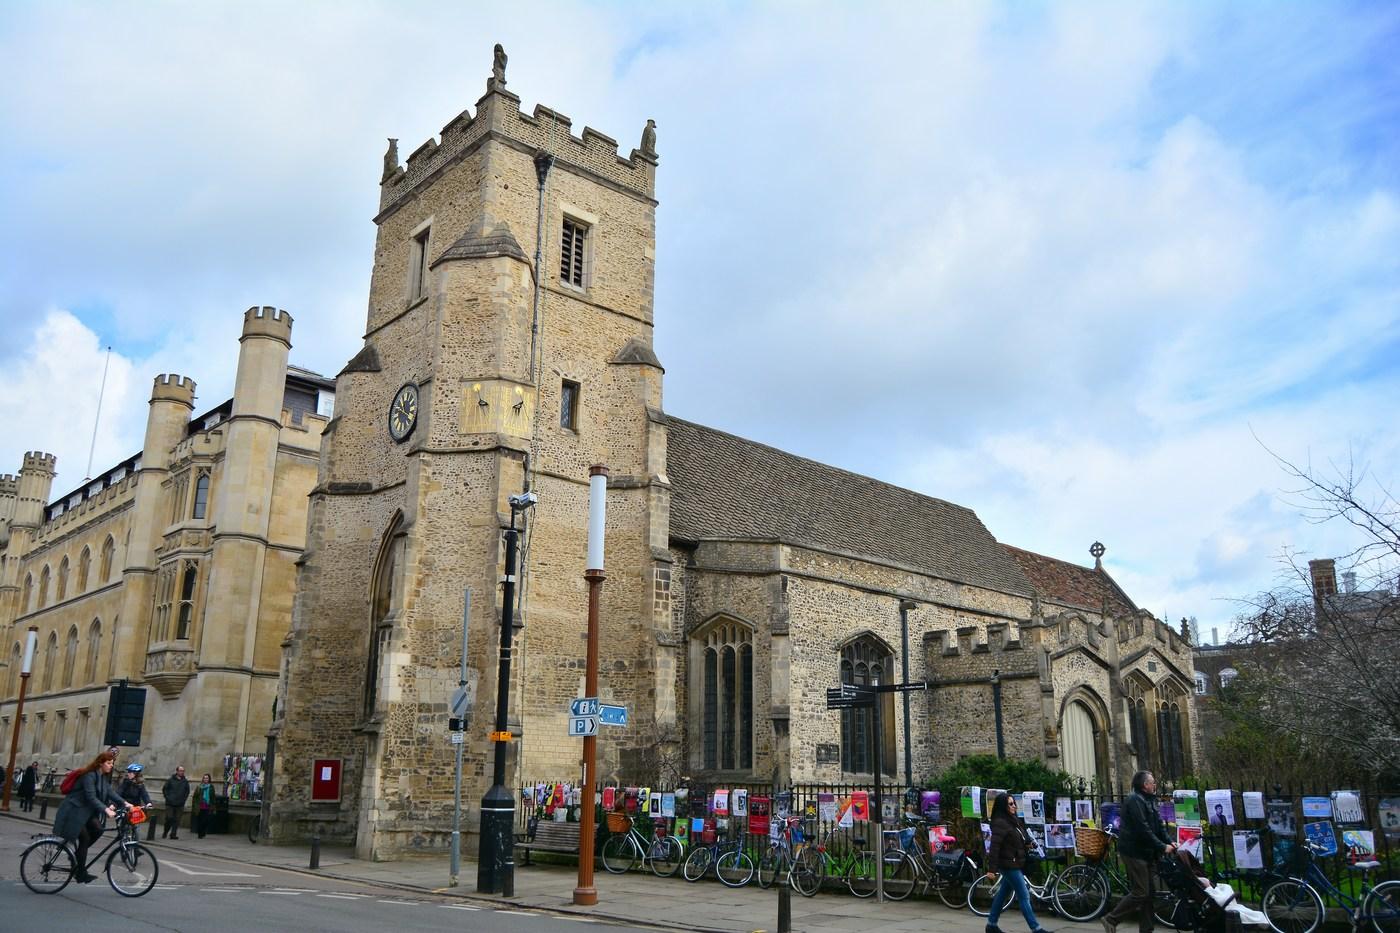 L'église de Saint-Botolph est dédiée à ce Saint patron des voyageurs, abbé du VIIème siècle. A l'époque du Moyen-Age, elle marquait l'entrée Sud de la ville. L'édifice actuel date du XIVème